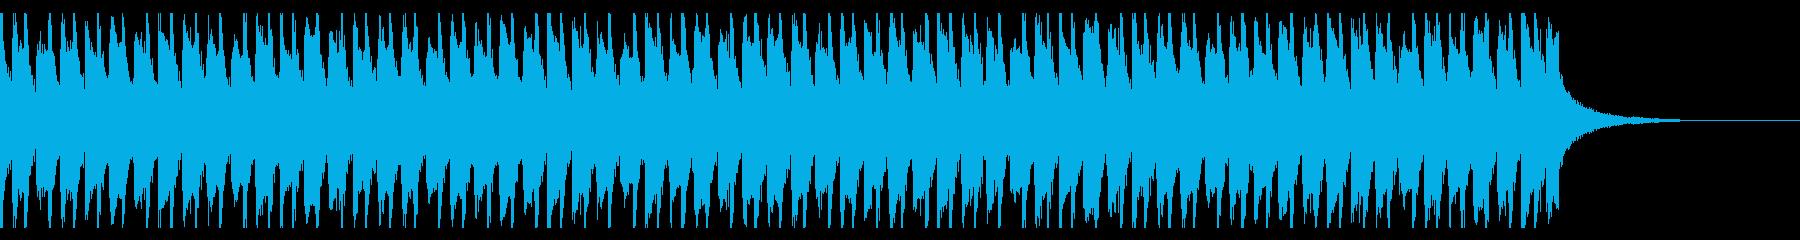 アップビートでハッピーポップ(30秒)の再生済みの波形